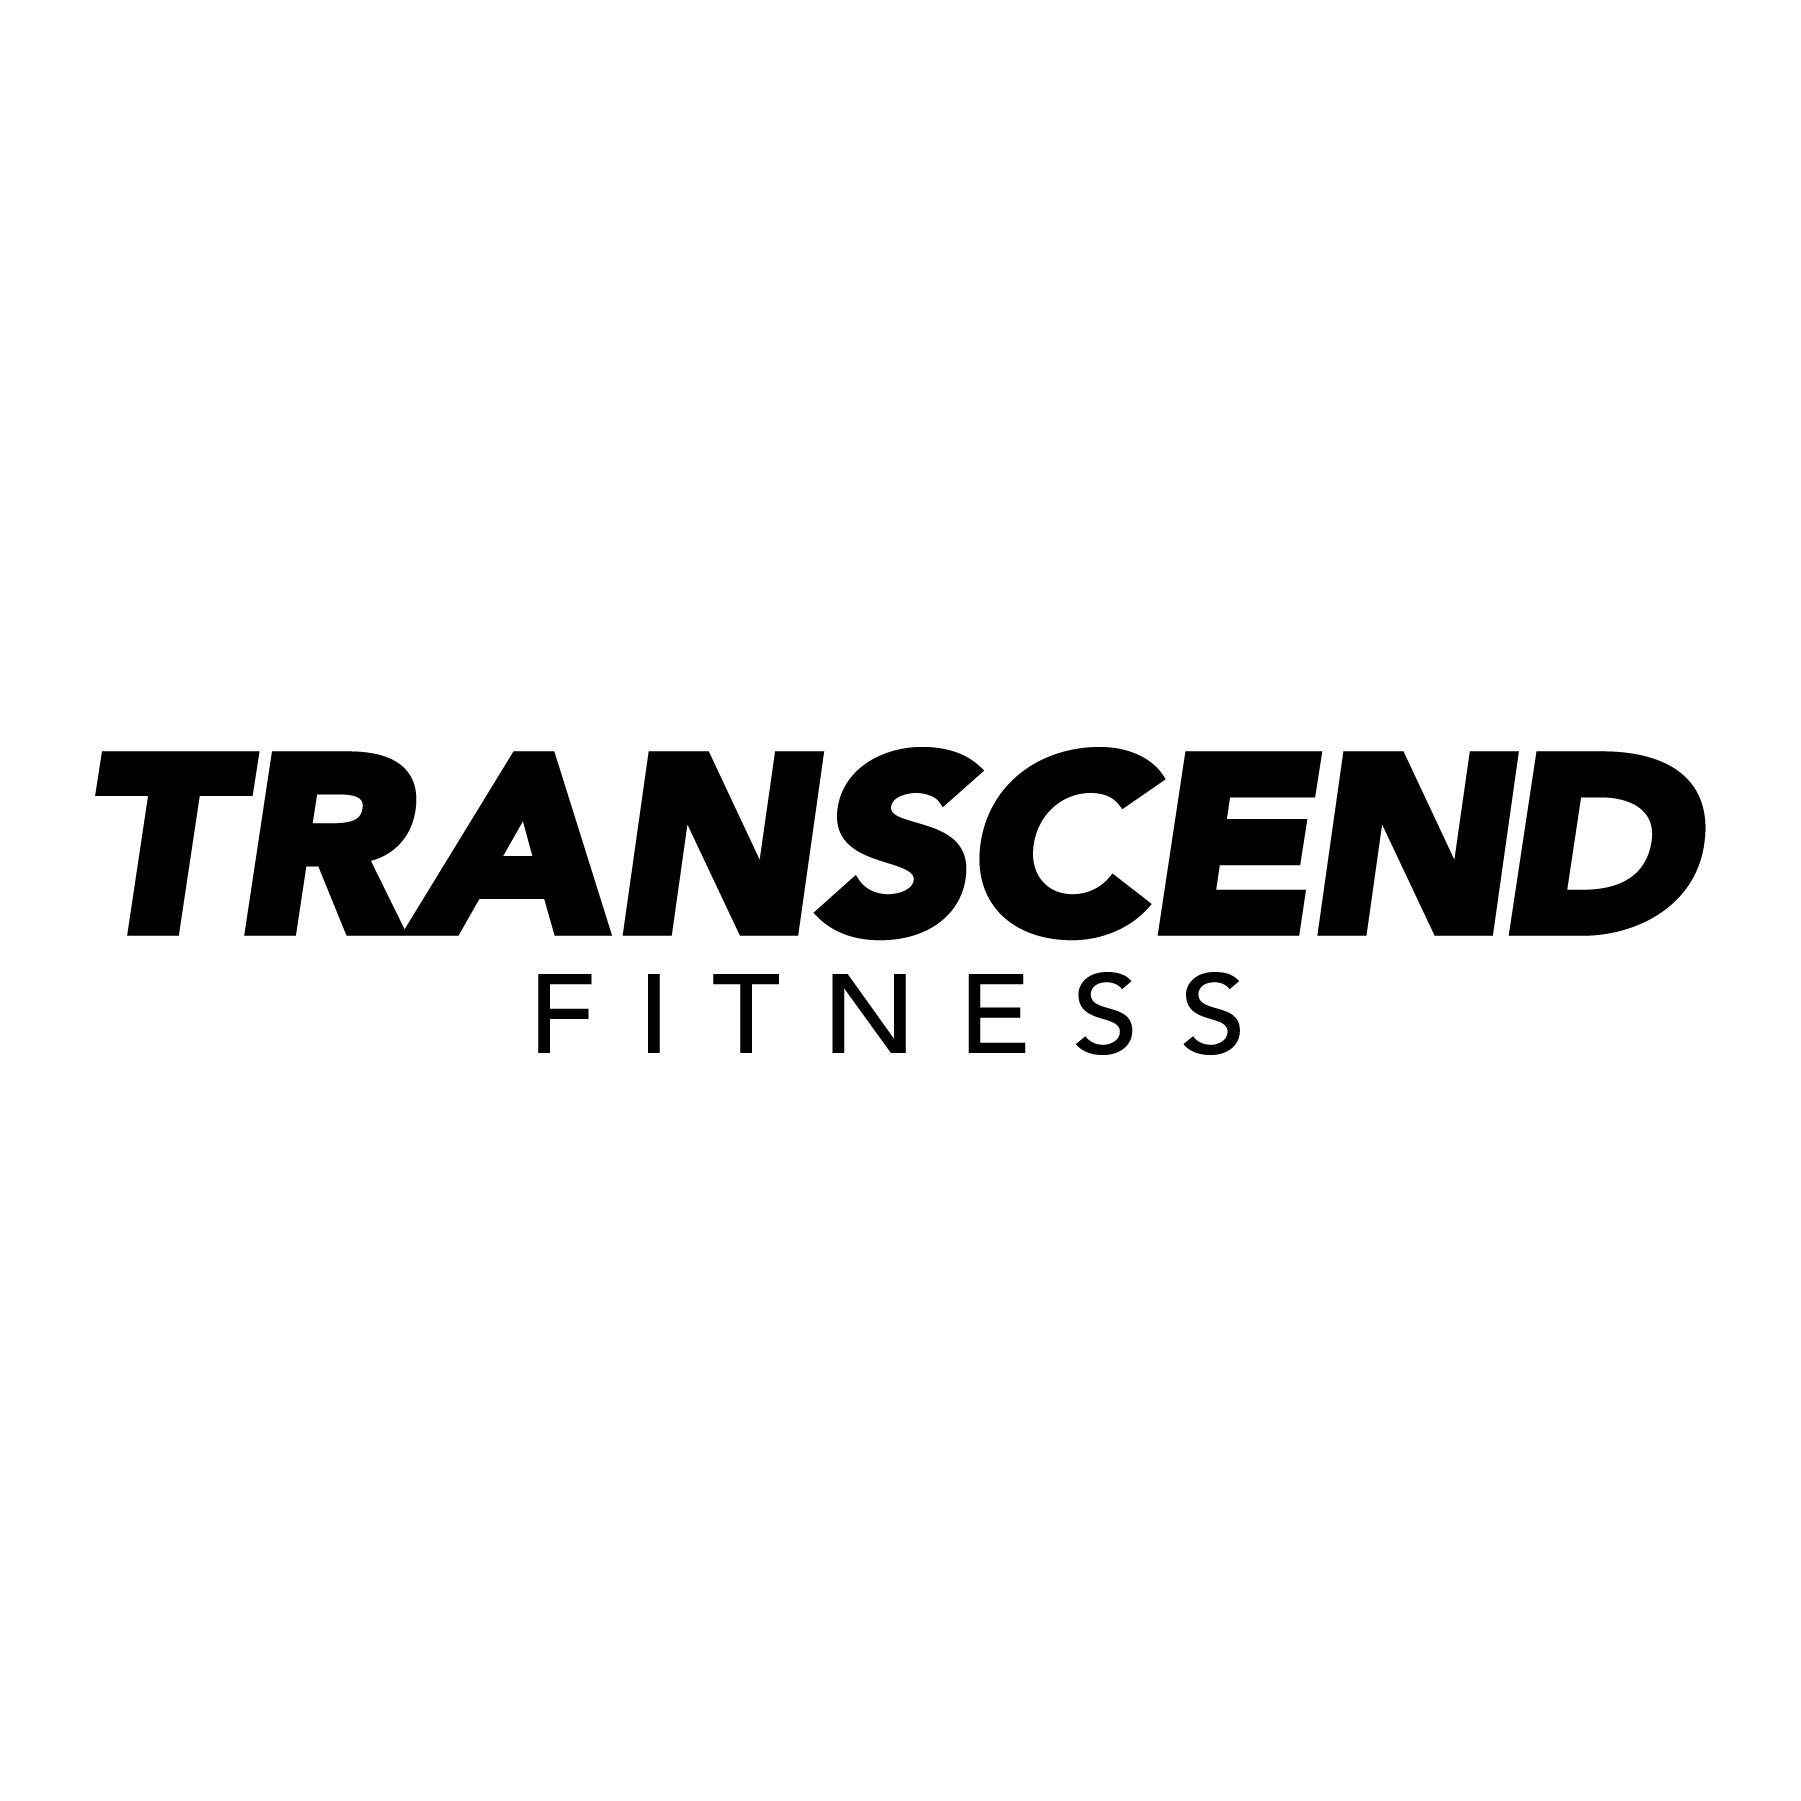 TF_Logo-01.jpg